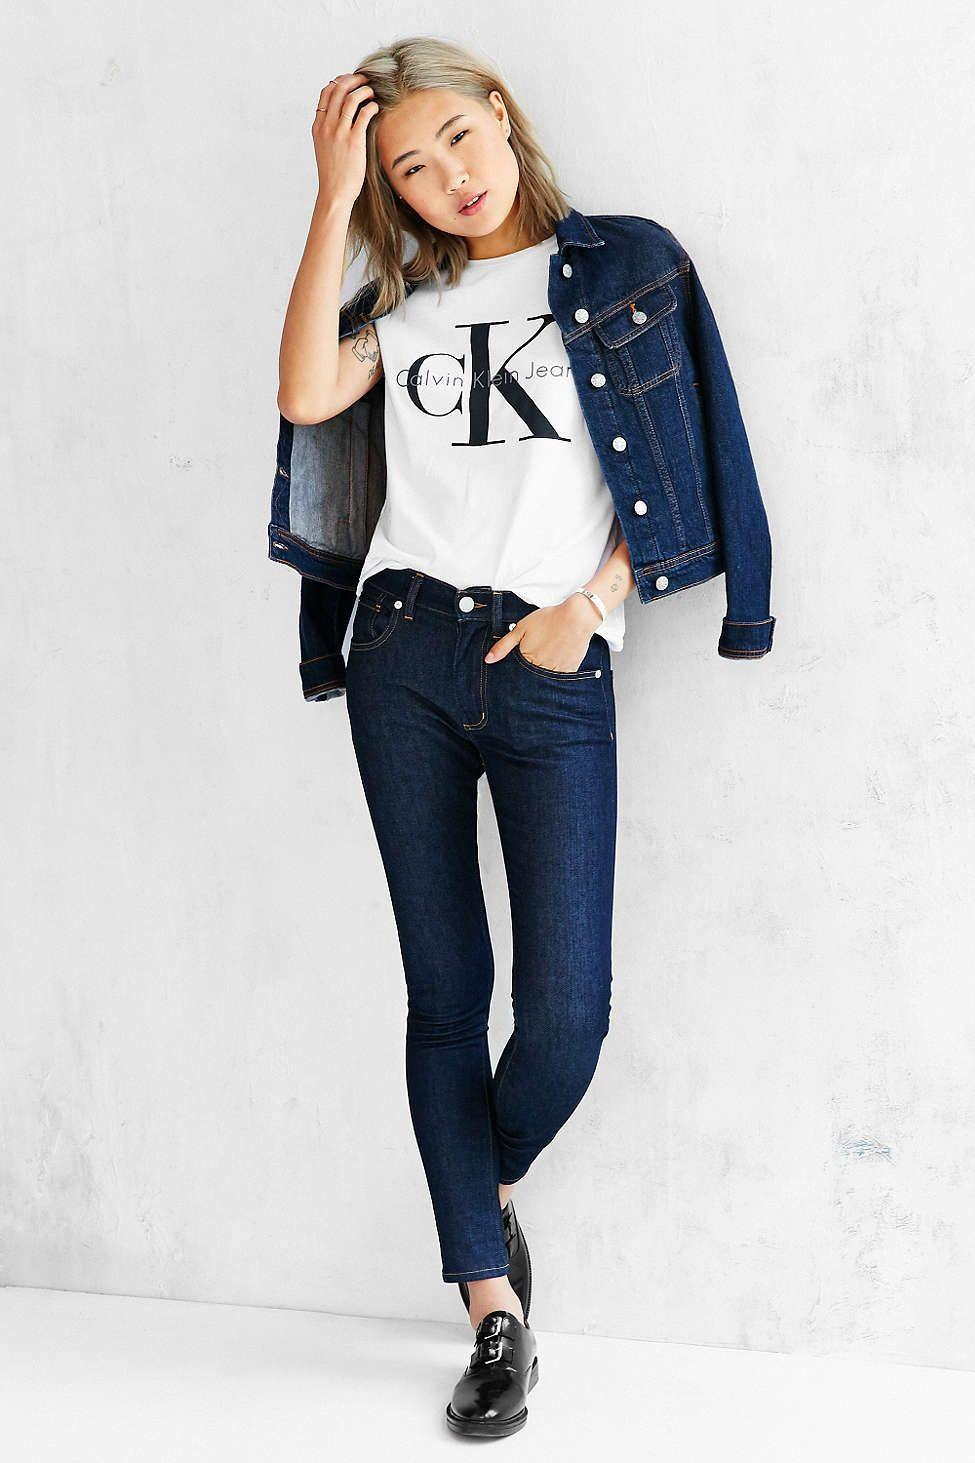 887b1cb9ca55 Calvin Klein Tee Shirt | Tees | Fashion, Fashion outfits, Fall outfits